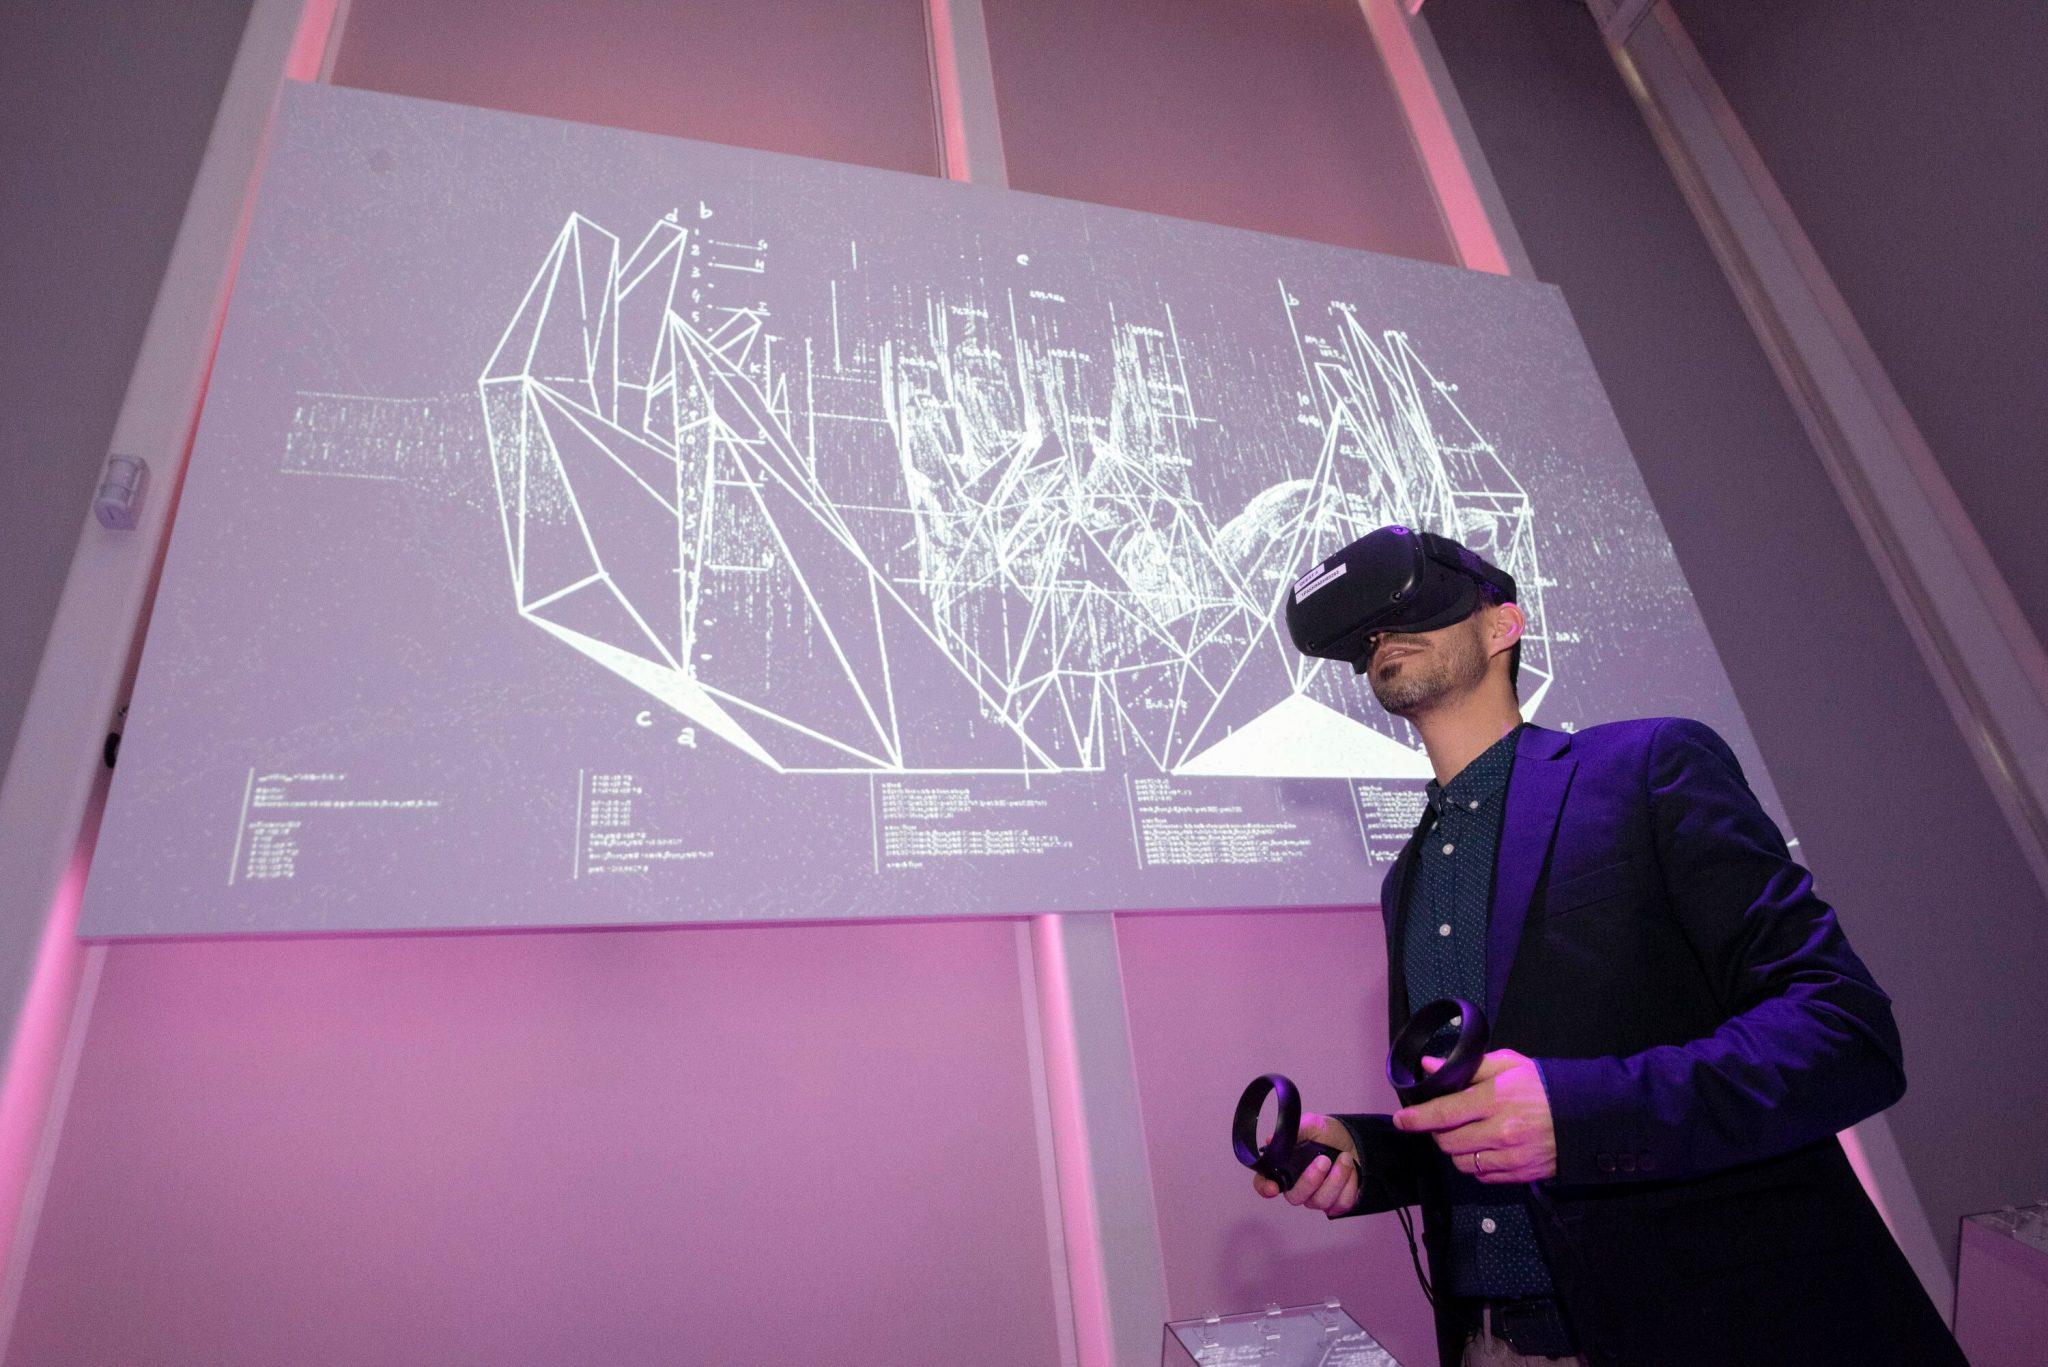 Un'immagine dalla mostra U.MANO all'Opificio Golinelli: un visitatore usa un visore VR